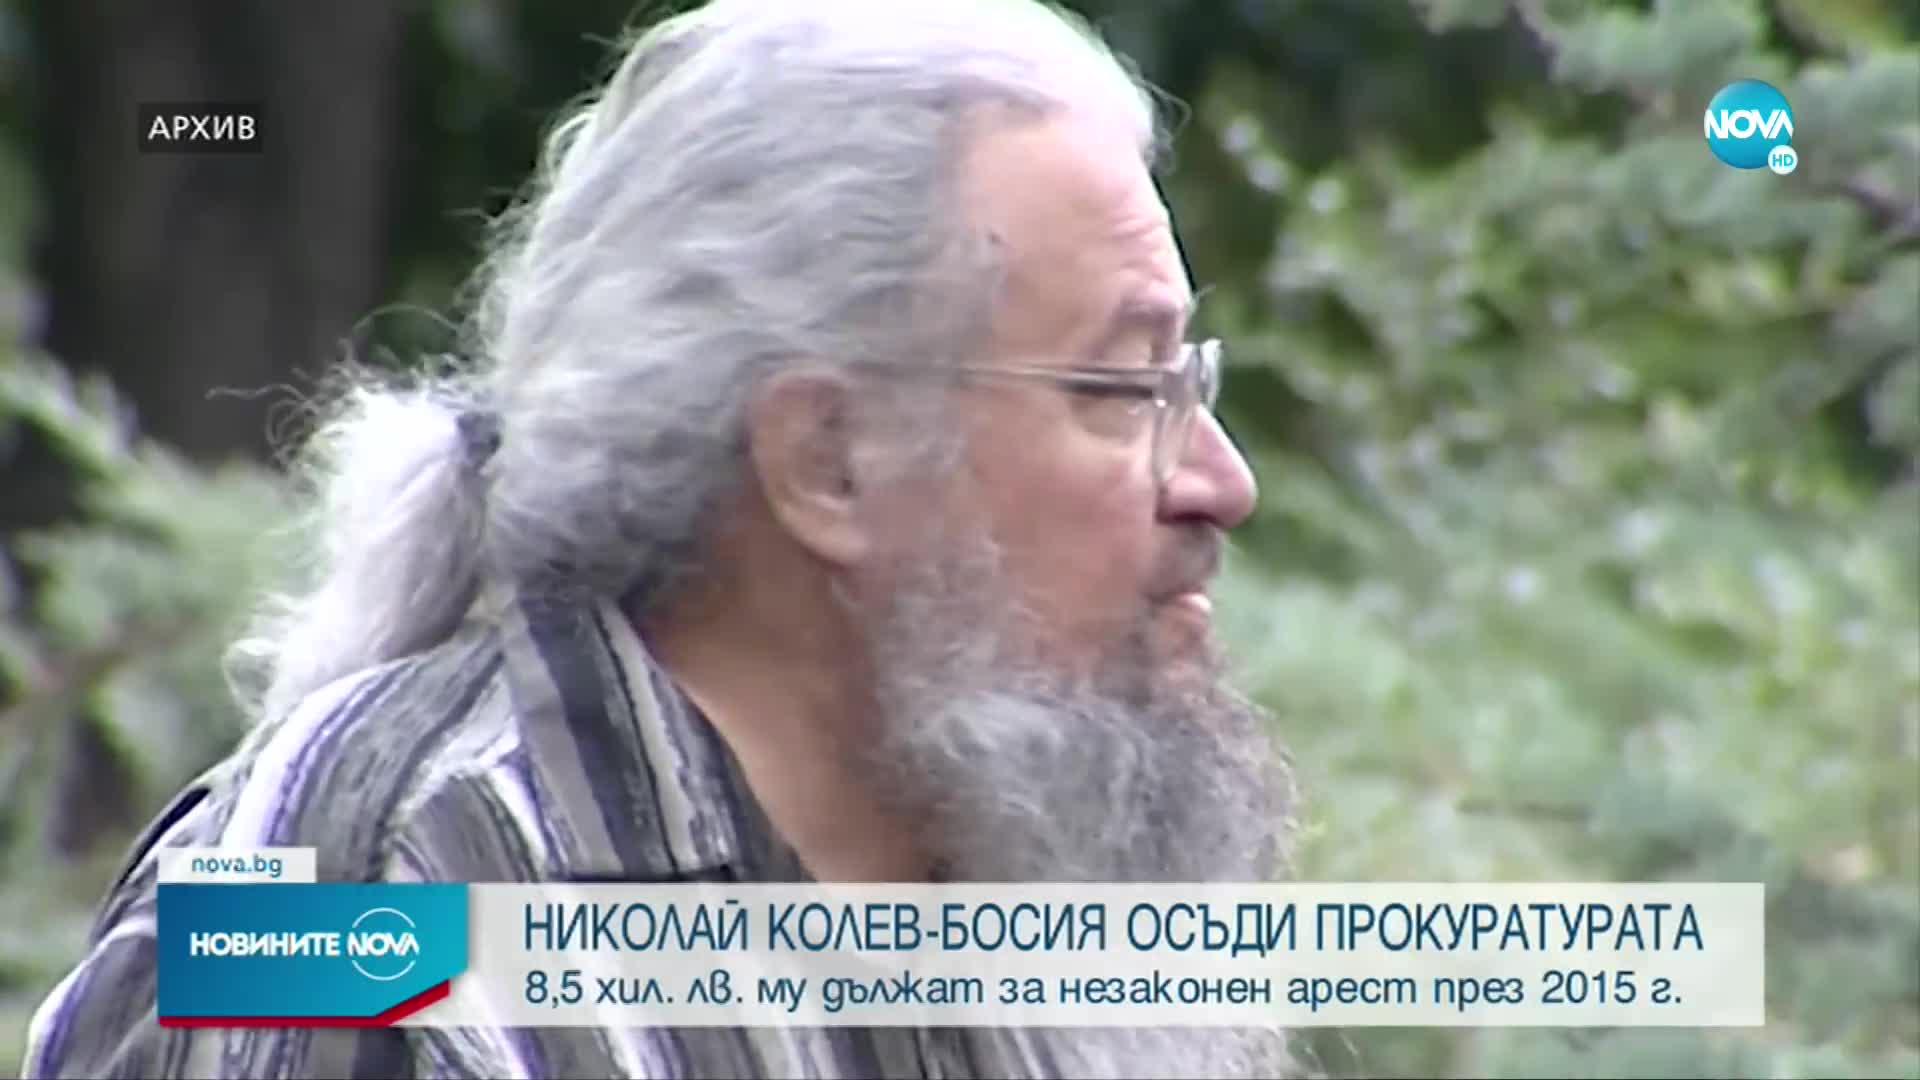 Николай Колев-Босия осъди прокуратурата за незаконен арест